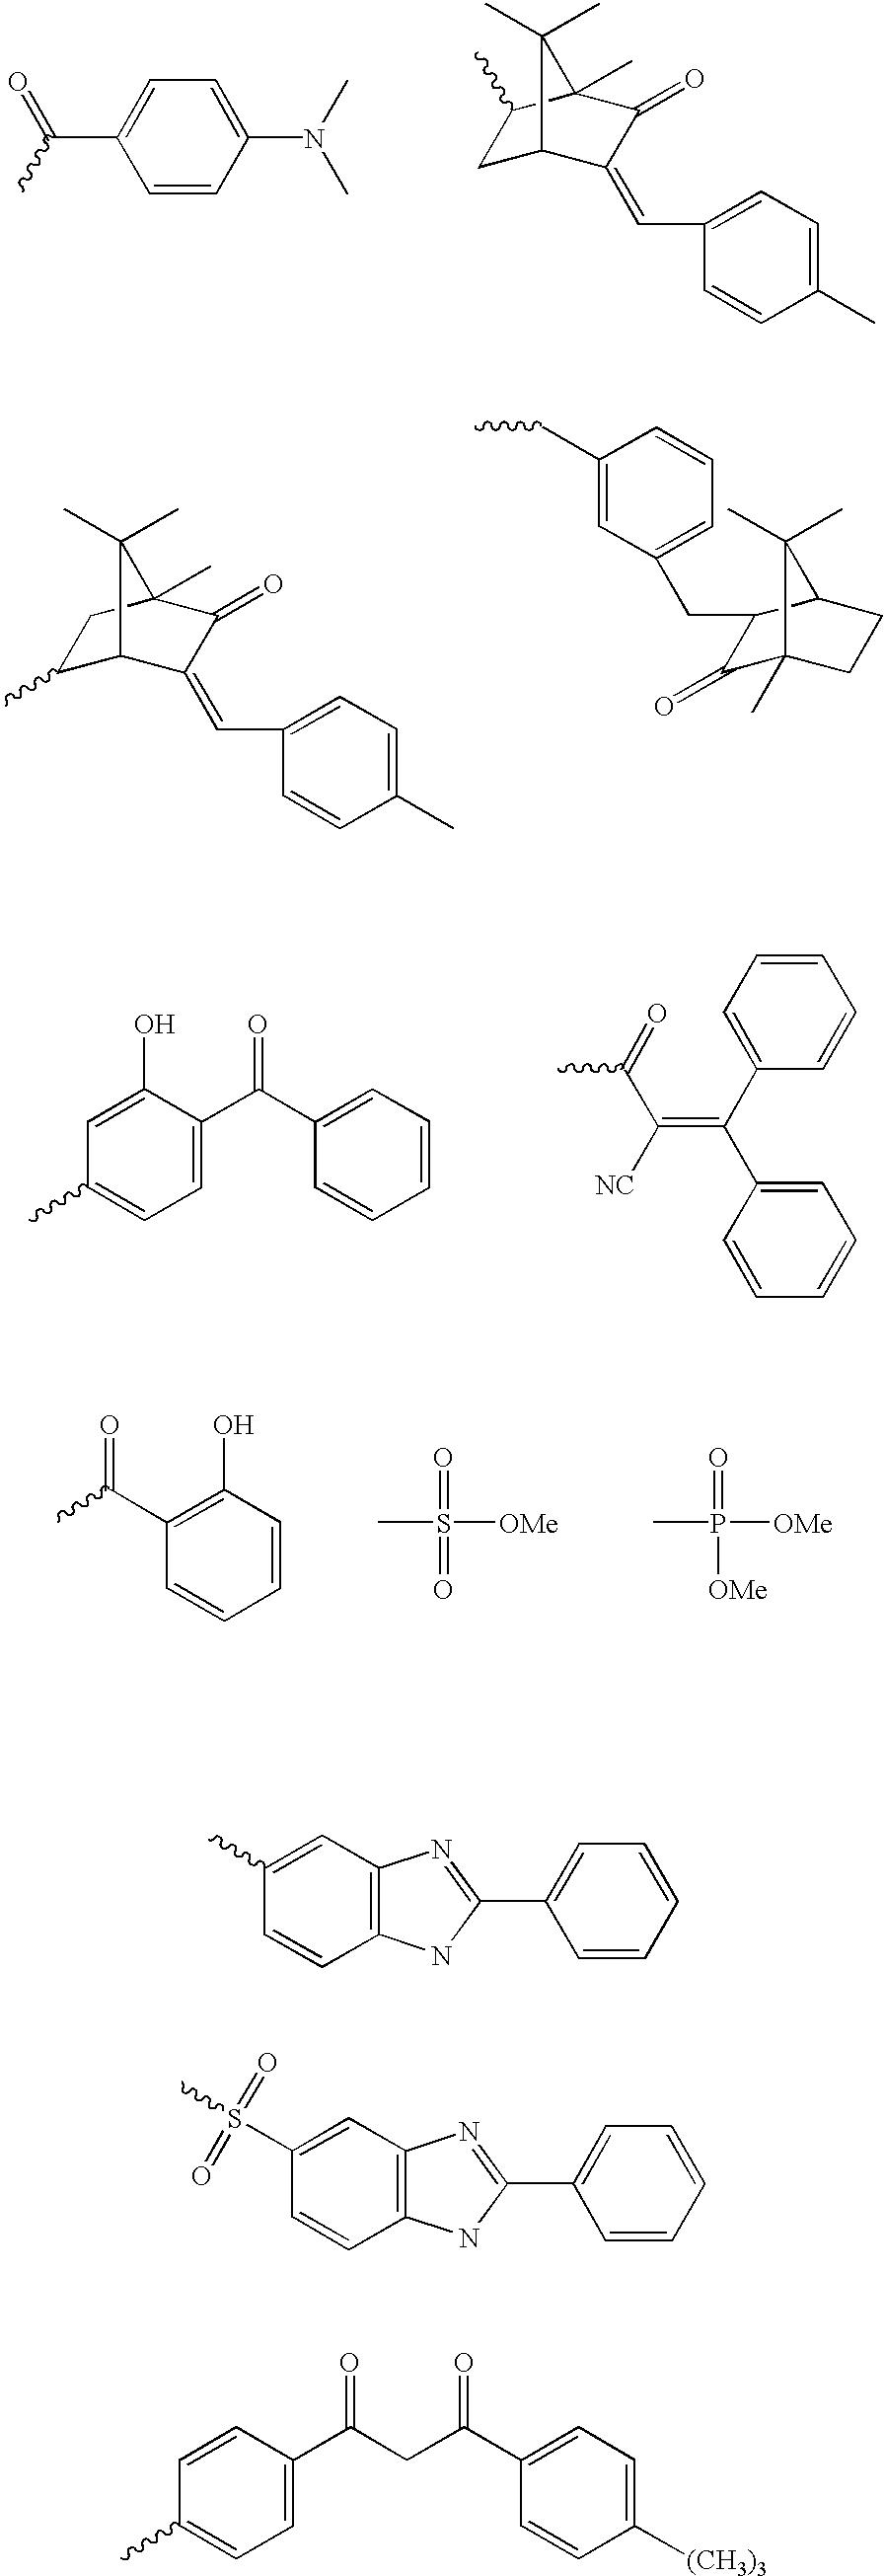 Figure US20030060426A1-20030327-C00002